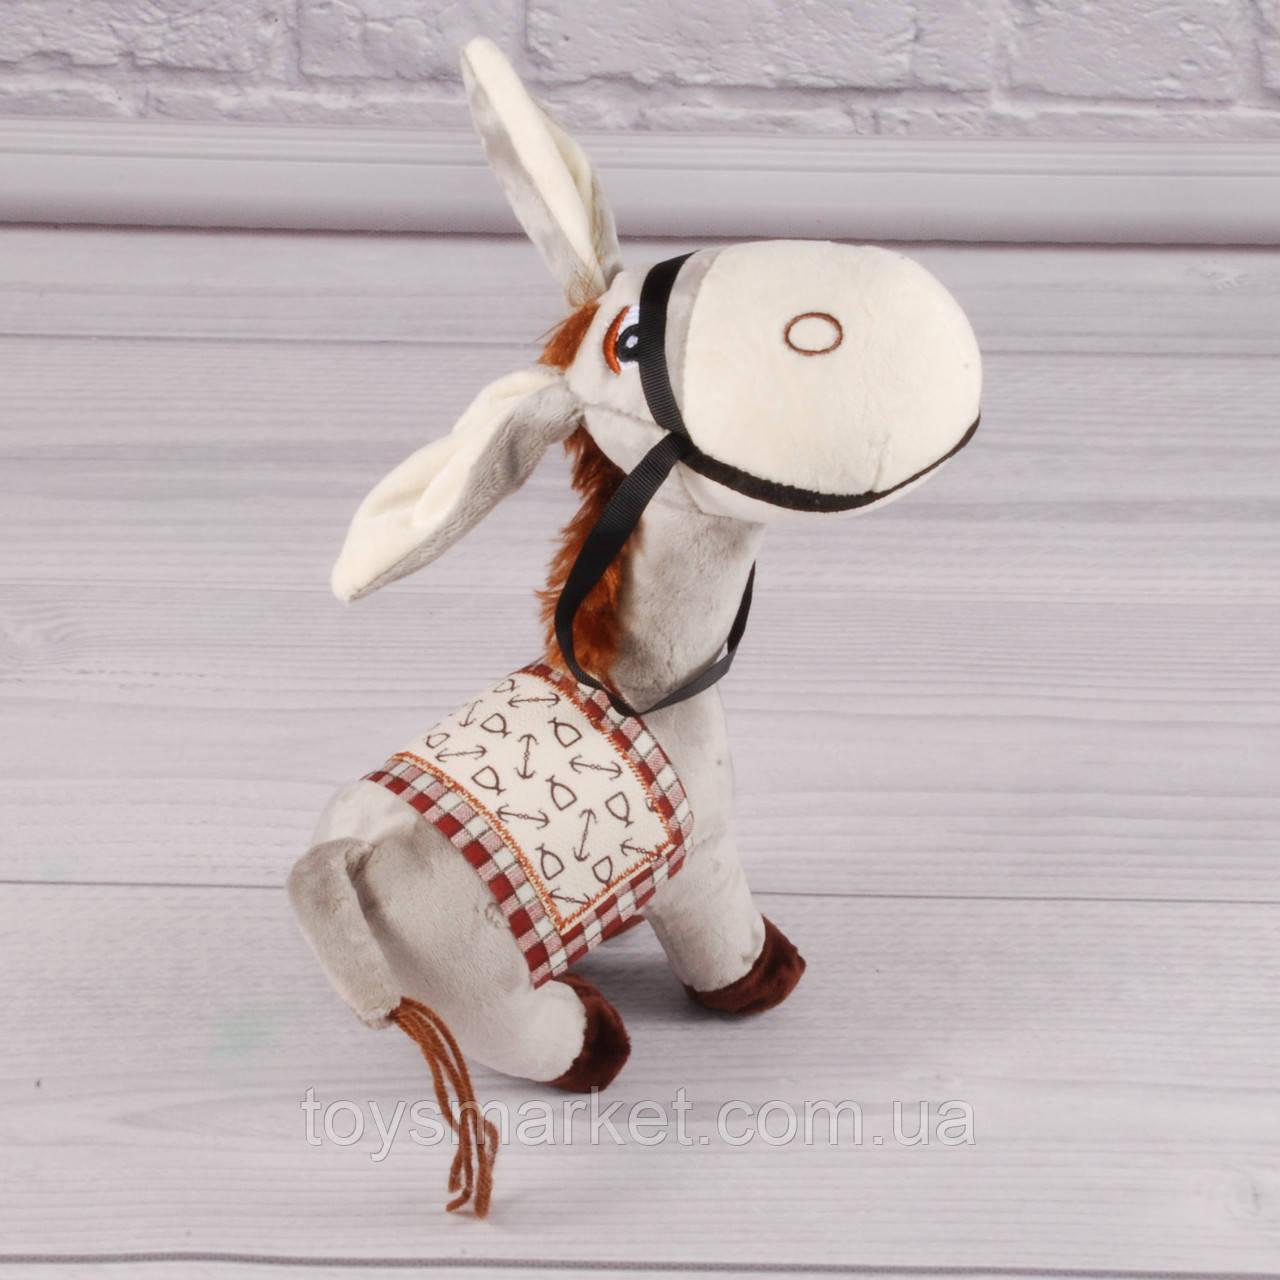 Мягкая игрушка Ослик, плюшевая игрушка осел, осёл, плюшевый ослик 25 см